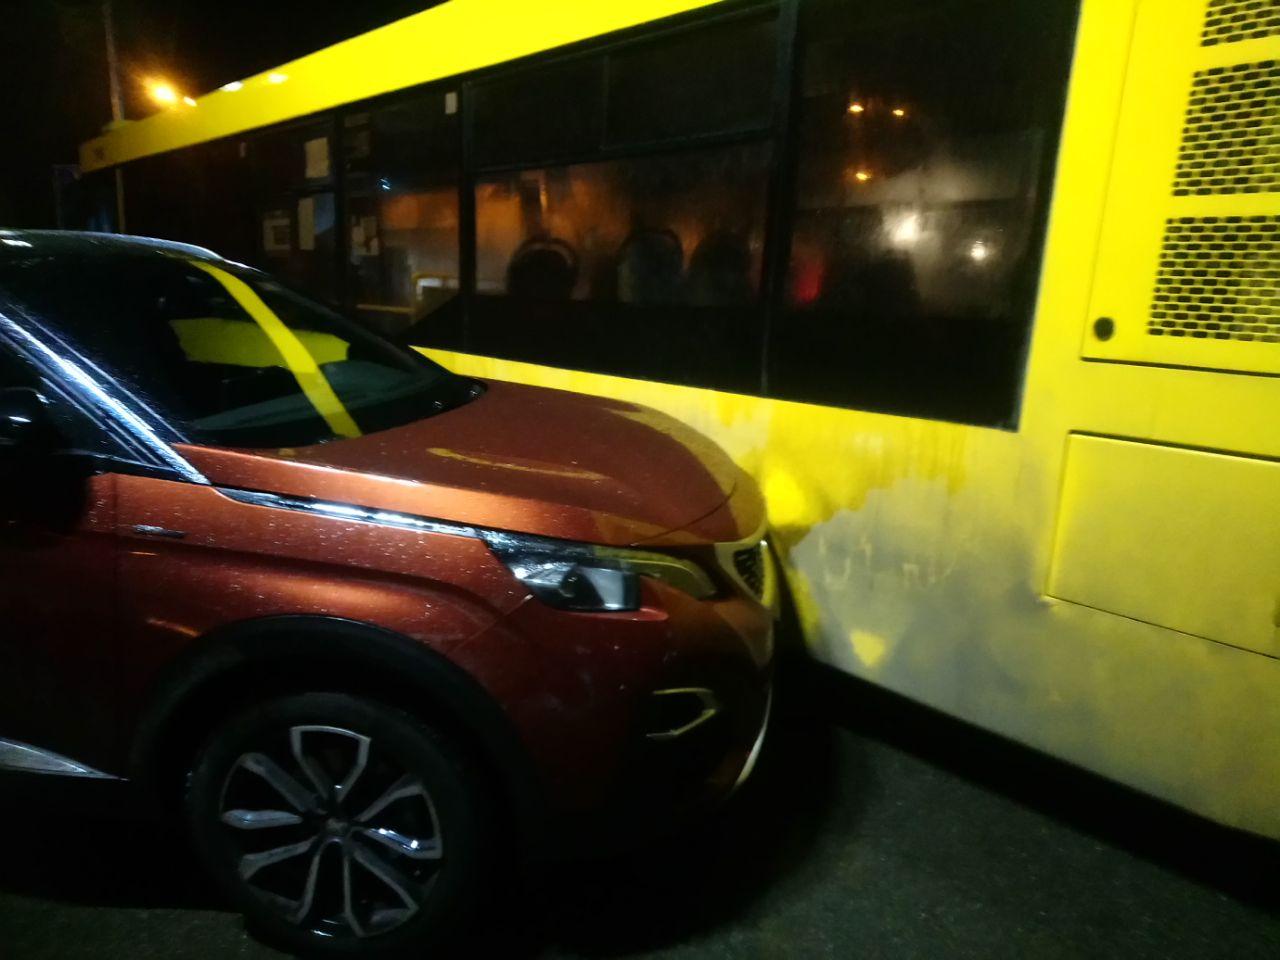 Курйозна ДТП: автобус не зміг об'їхати героя парковки - паркування, ДТП, автобус - IMG 20201120 194533 107